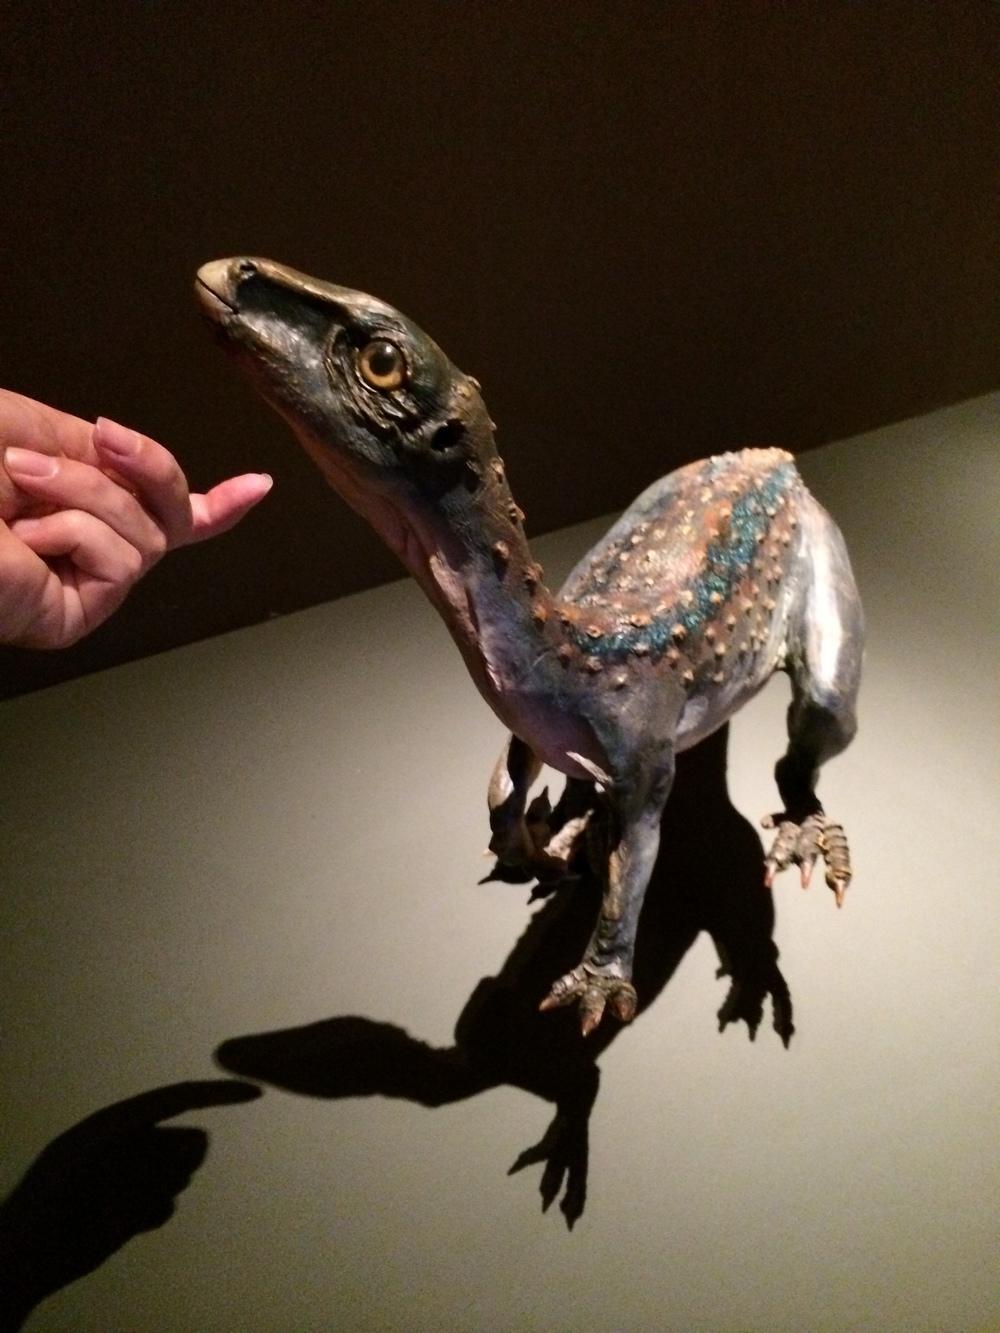 Dino petting zoo?